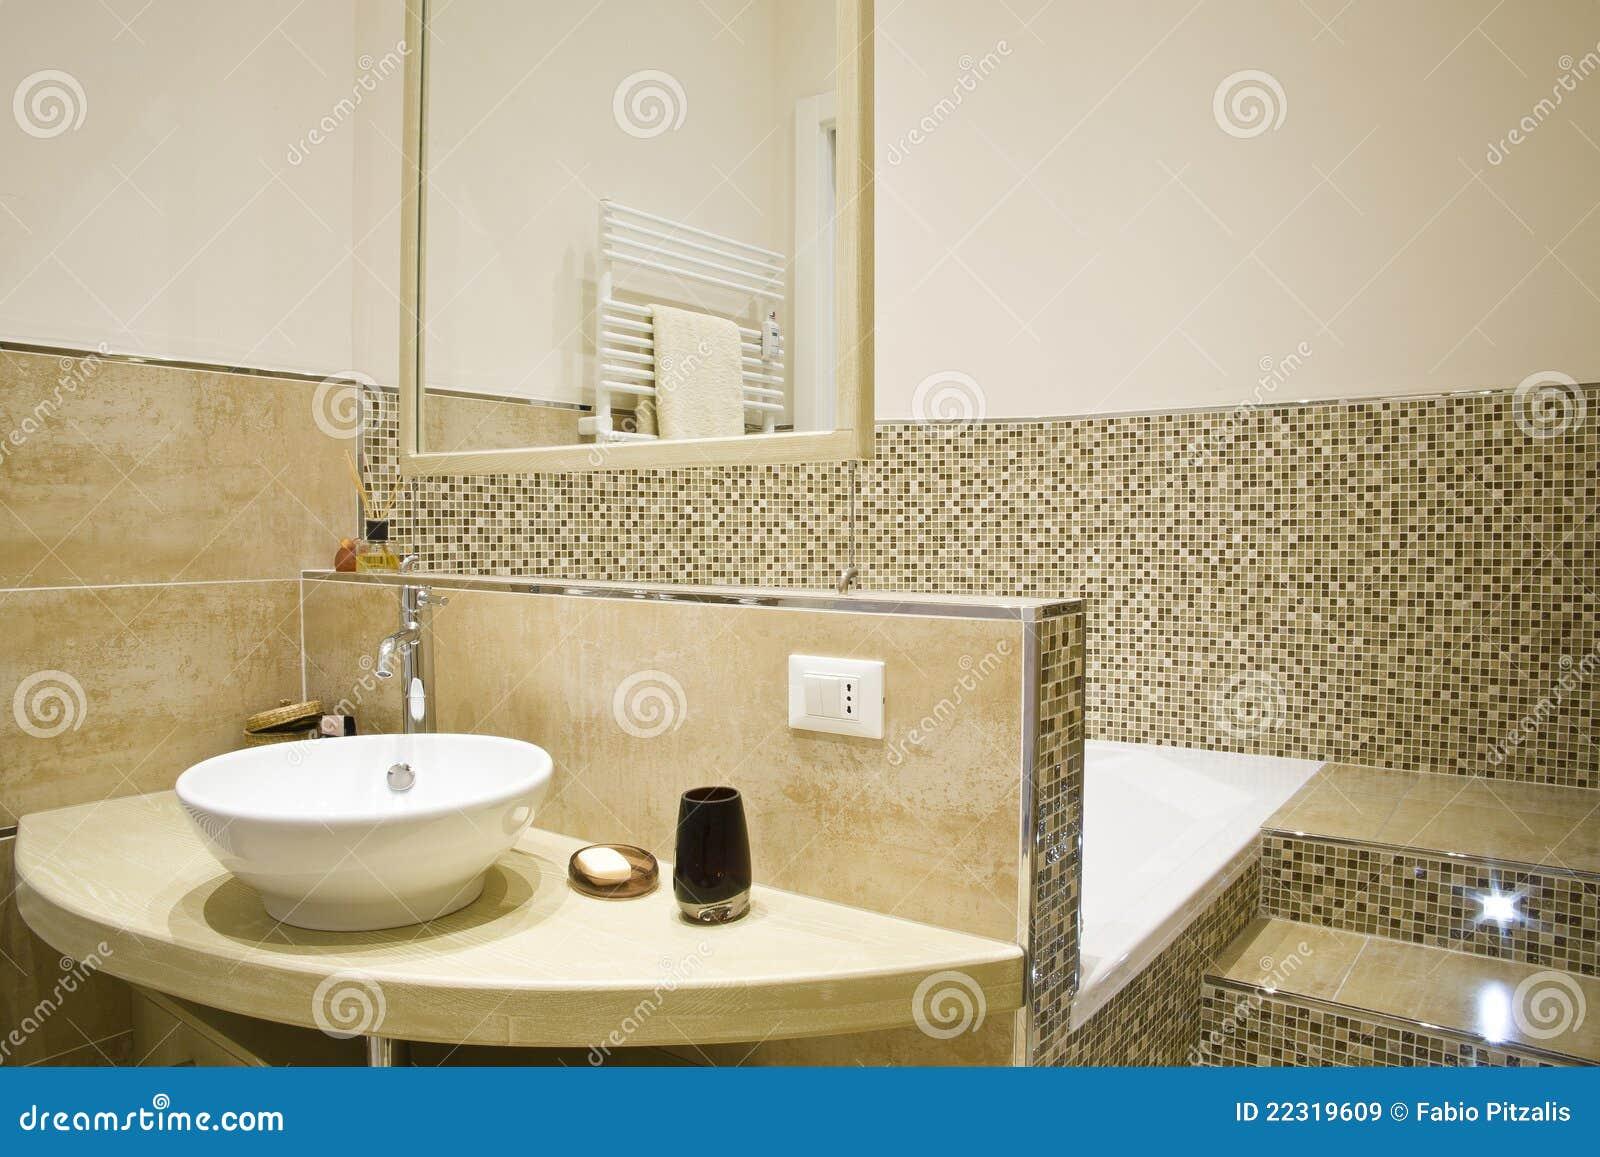 Sognare Vasca Da Bagno. Vasche Da Bagno In Pietra Naturale With ...